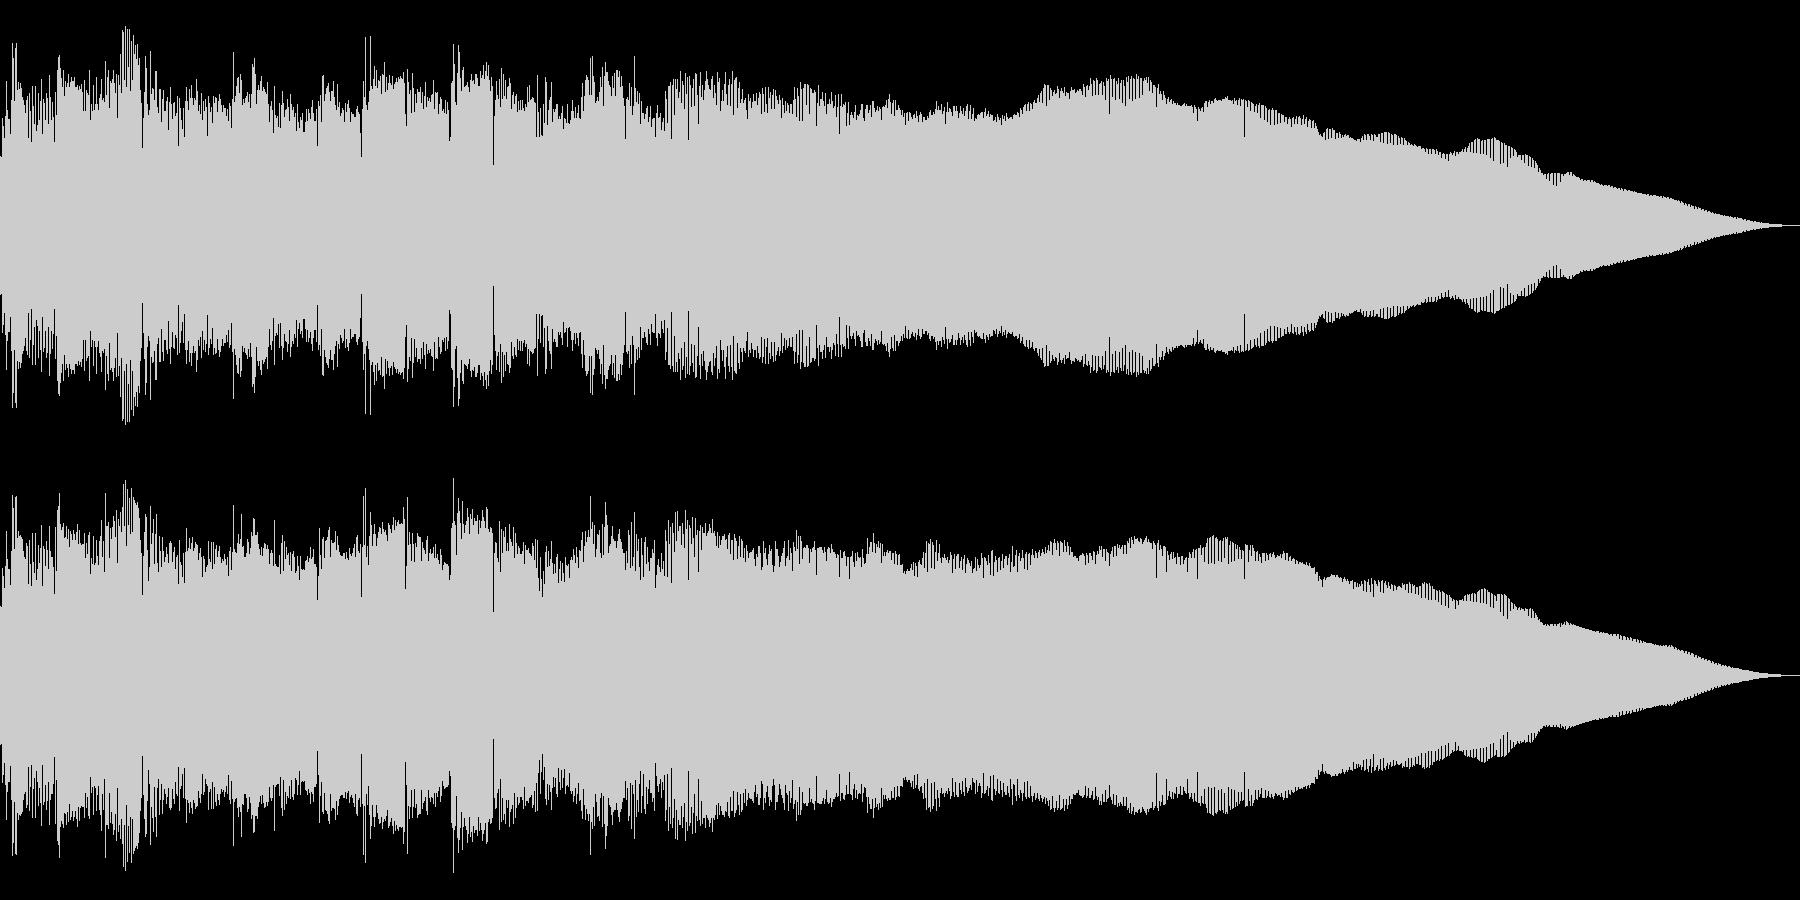 ネオクラシカルなメタルギター・フレーズの未再生の波形